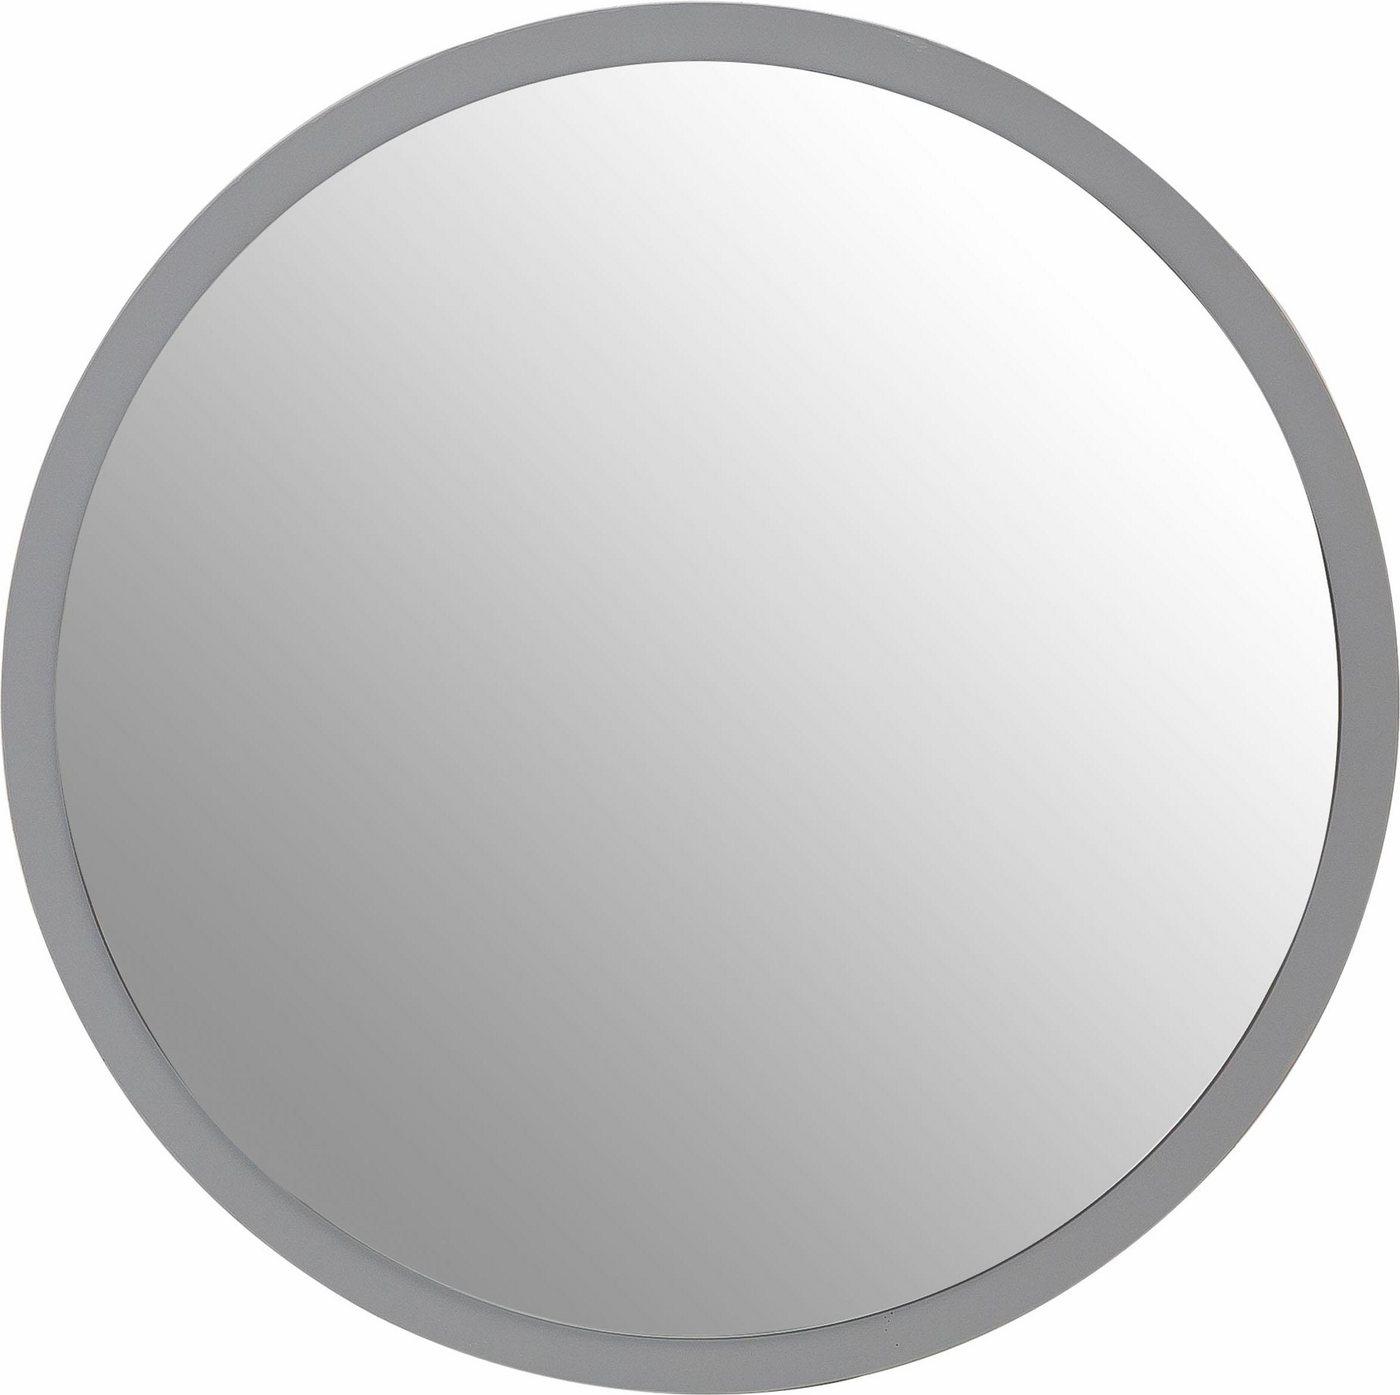 Schildmeyer Spiegel Sunny grau | 04027181102978